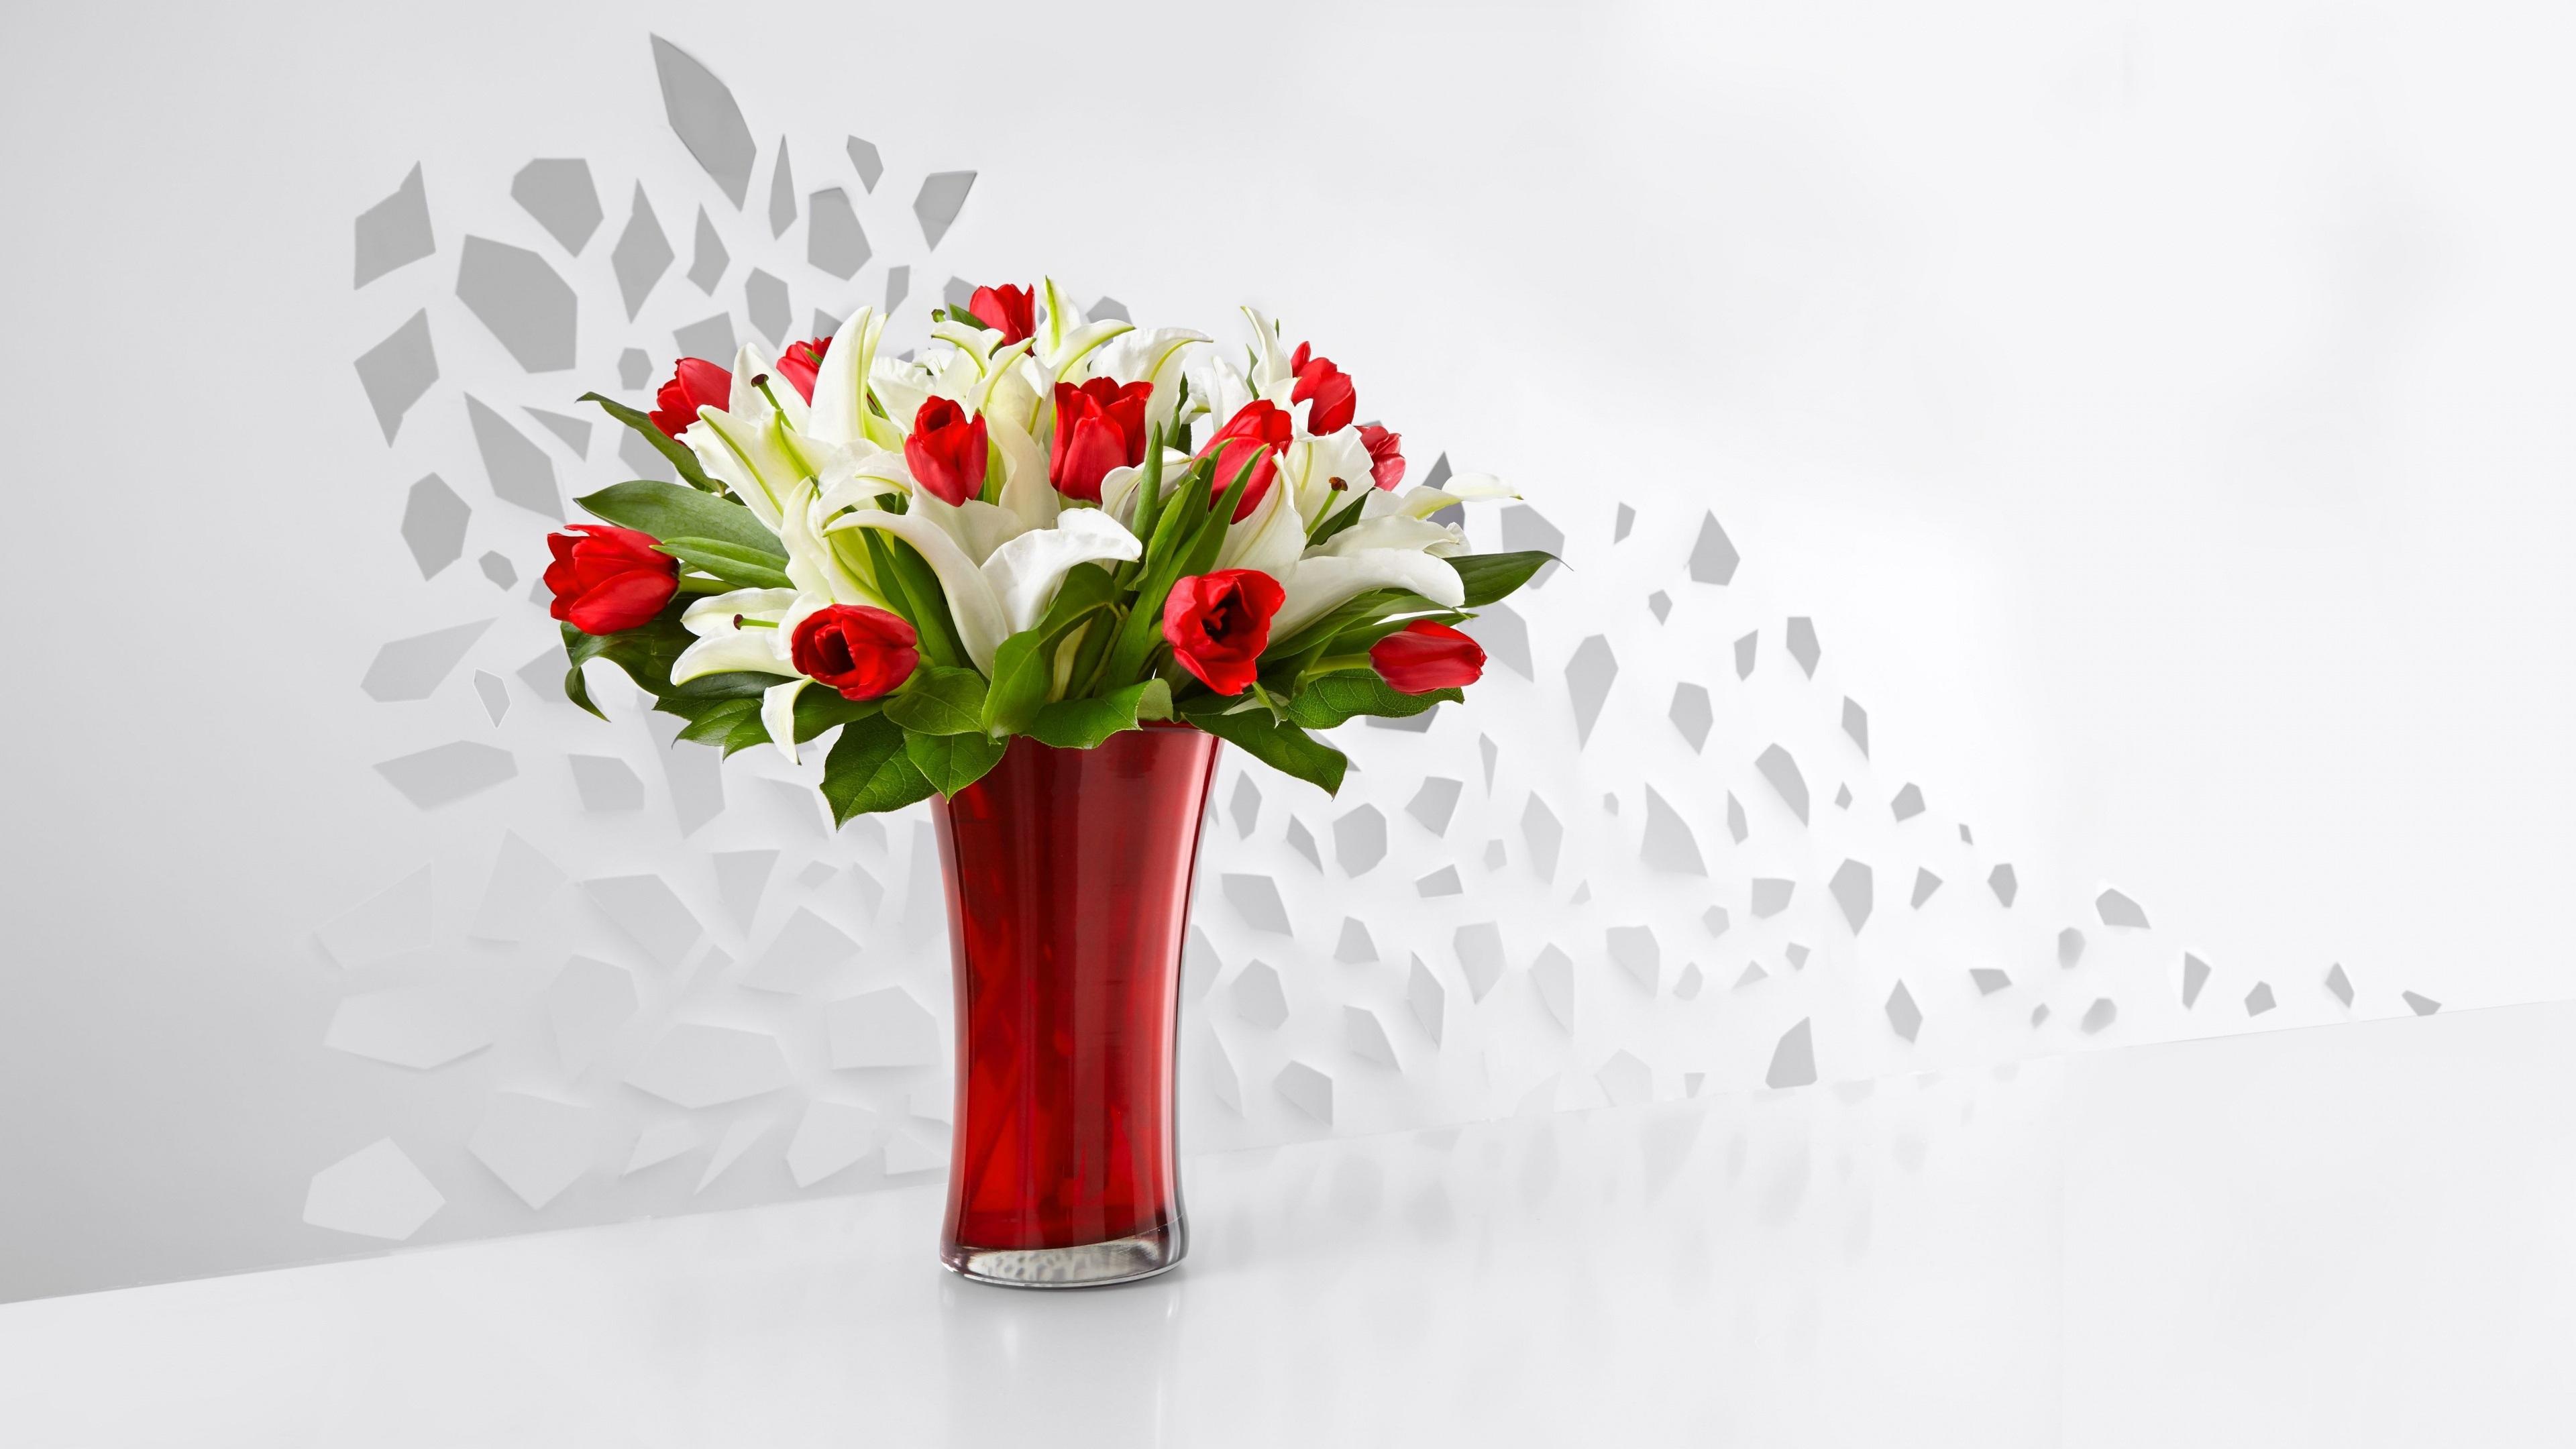 Обои на рабочий стол красные тюльпаны в вазе